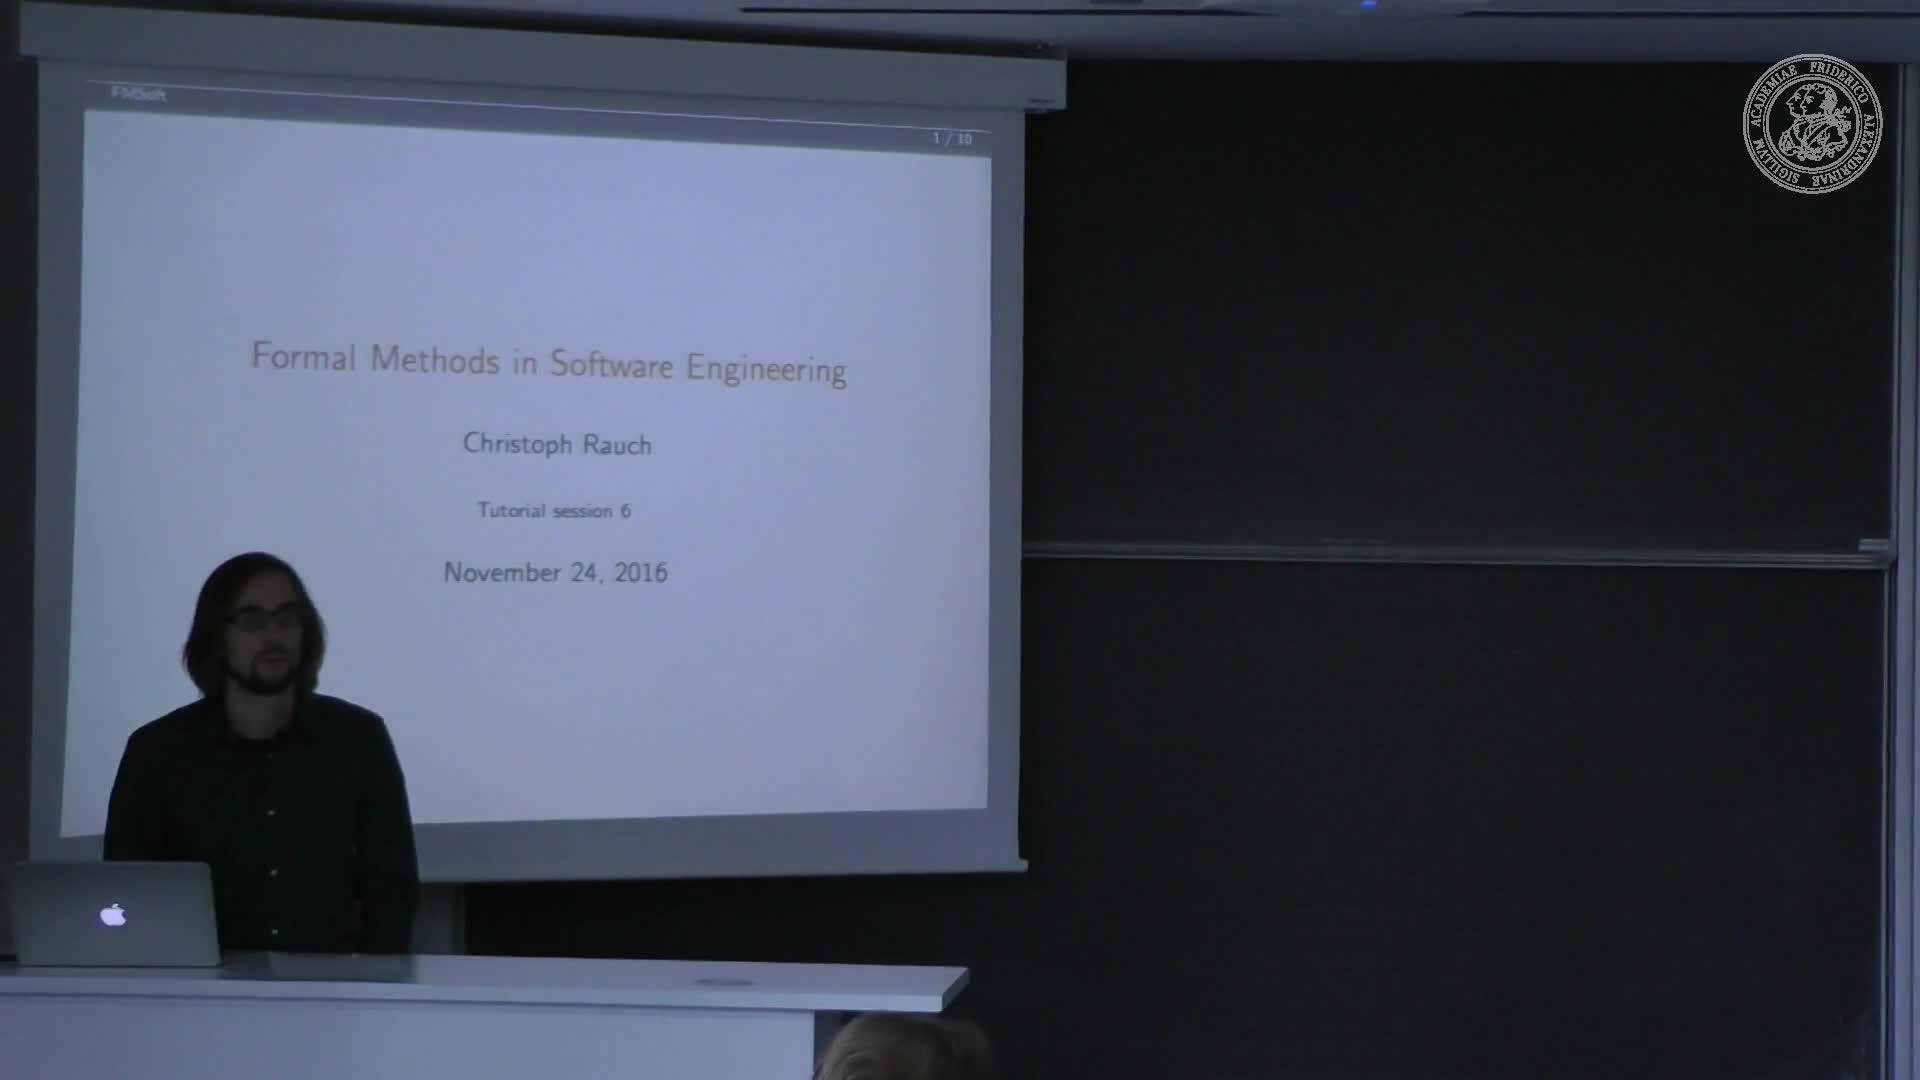 Formale Methoden der Softwareentwicklung preview image